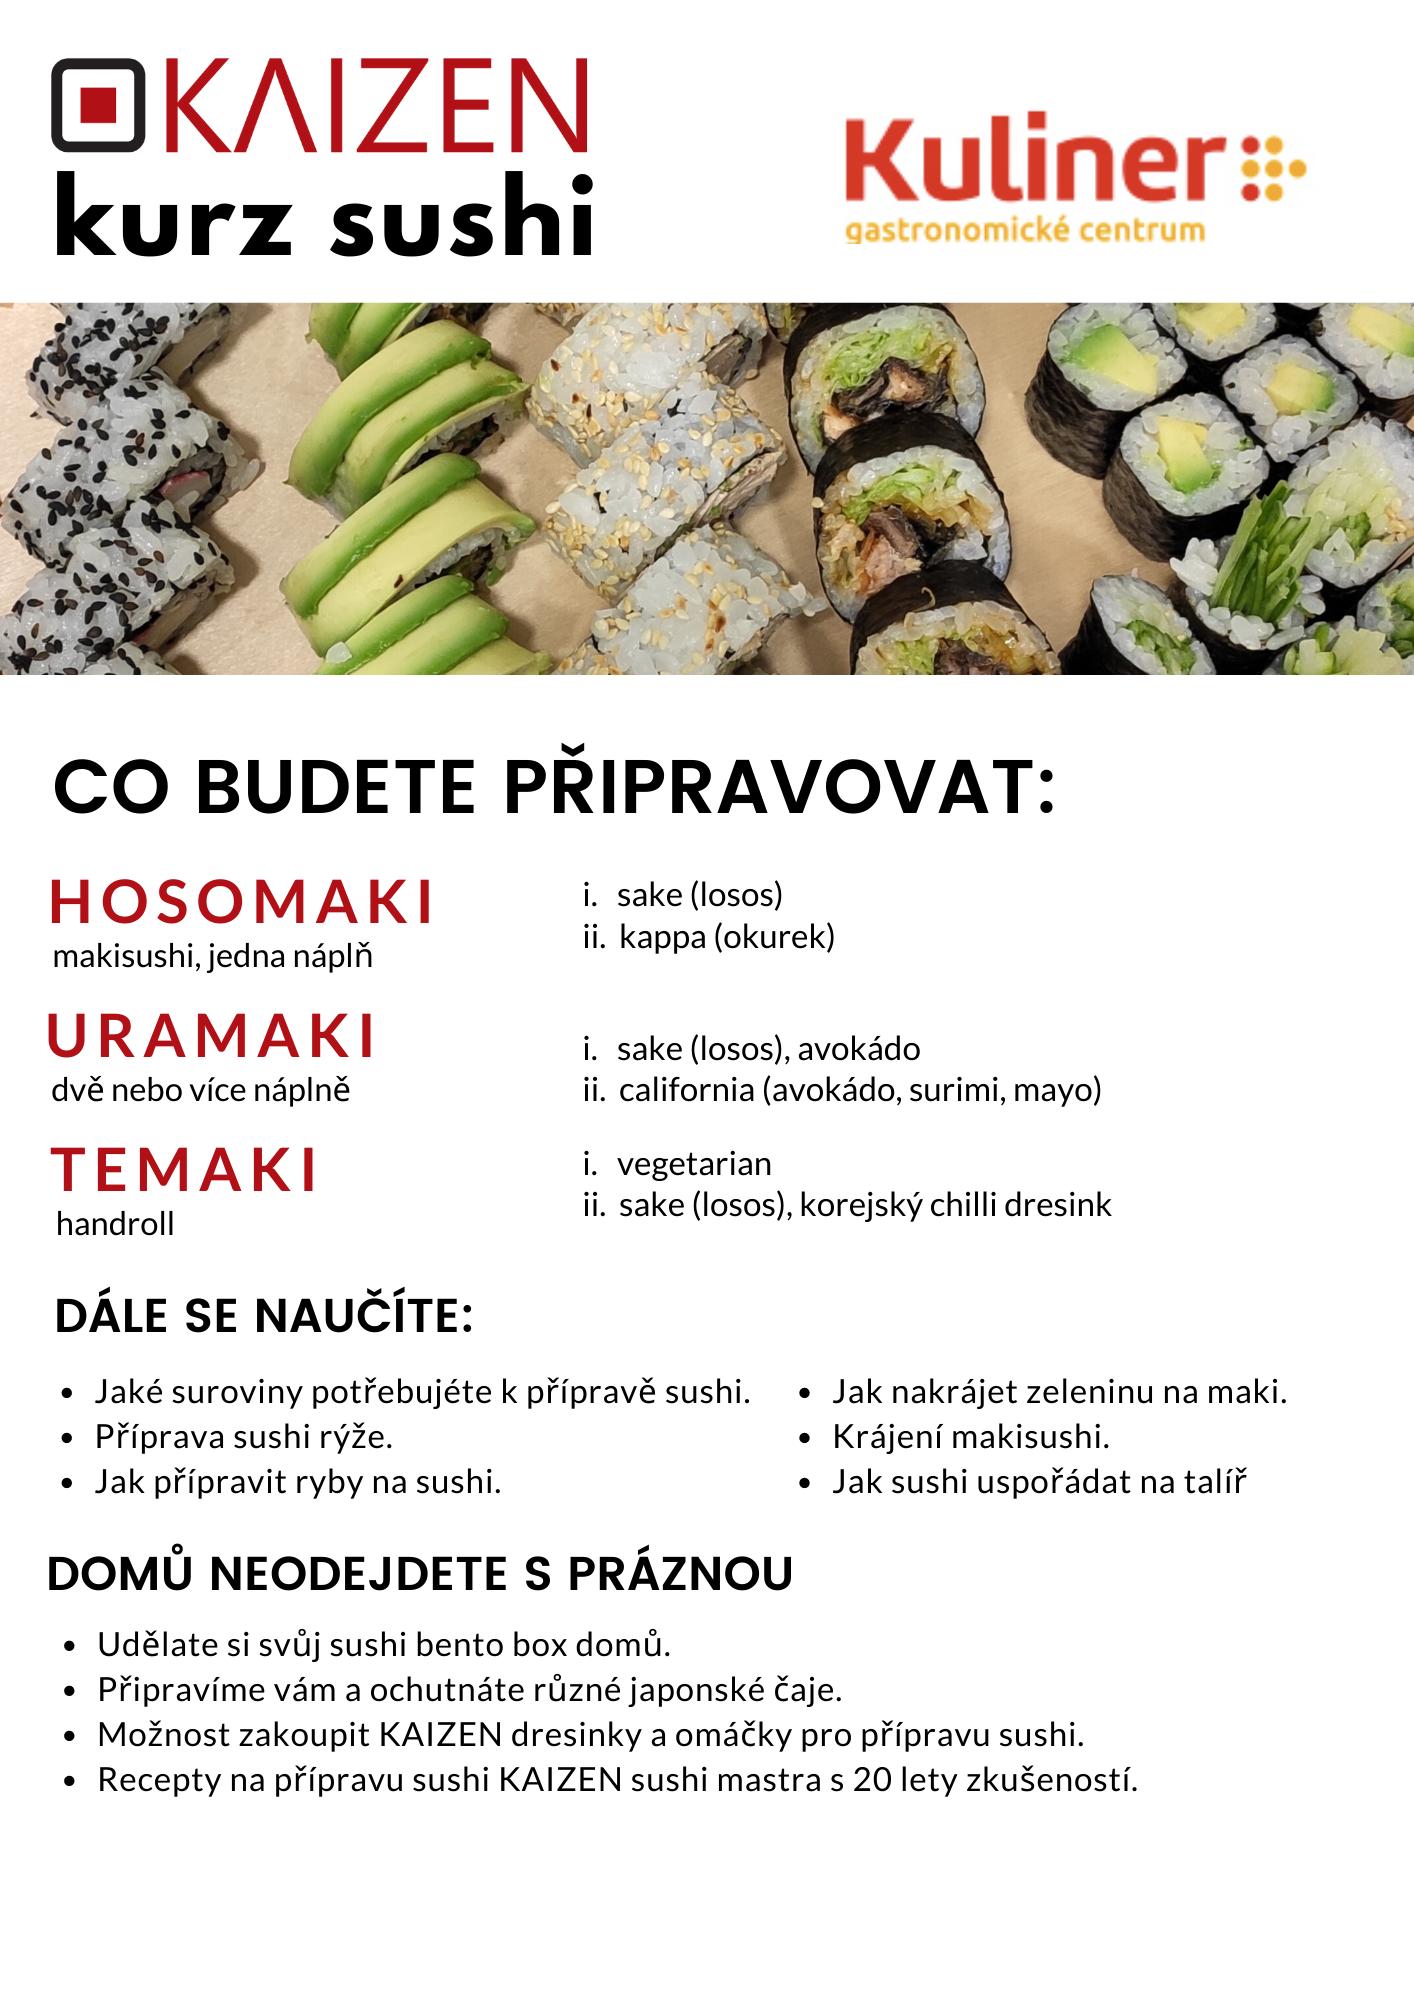 kurz sushi - kuliner